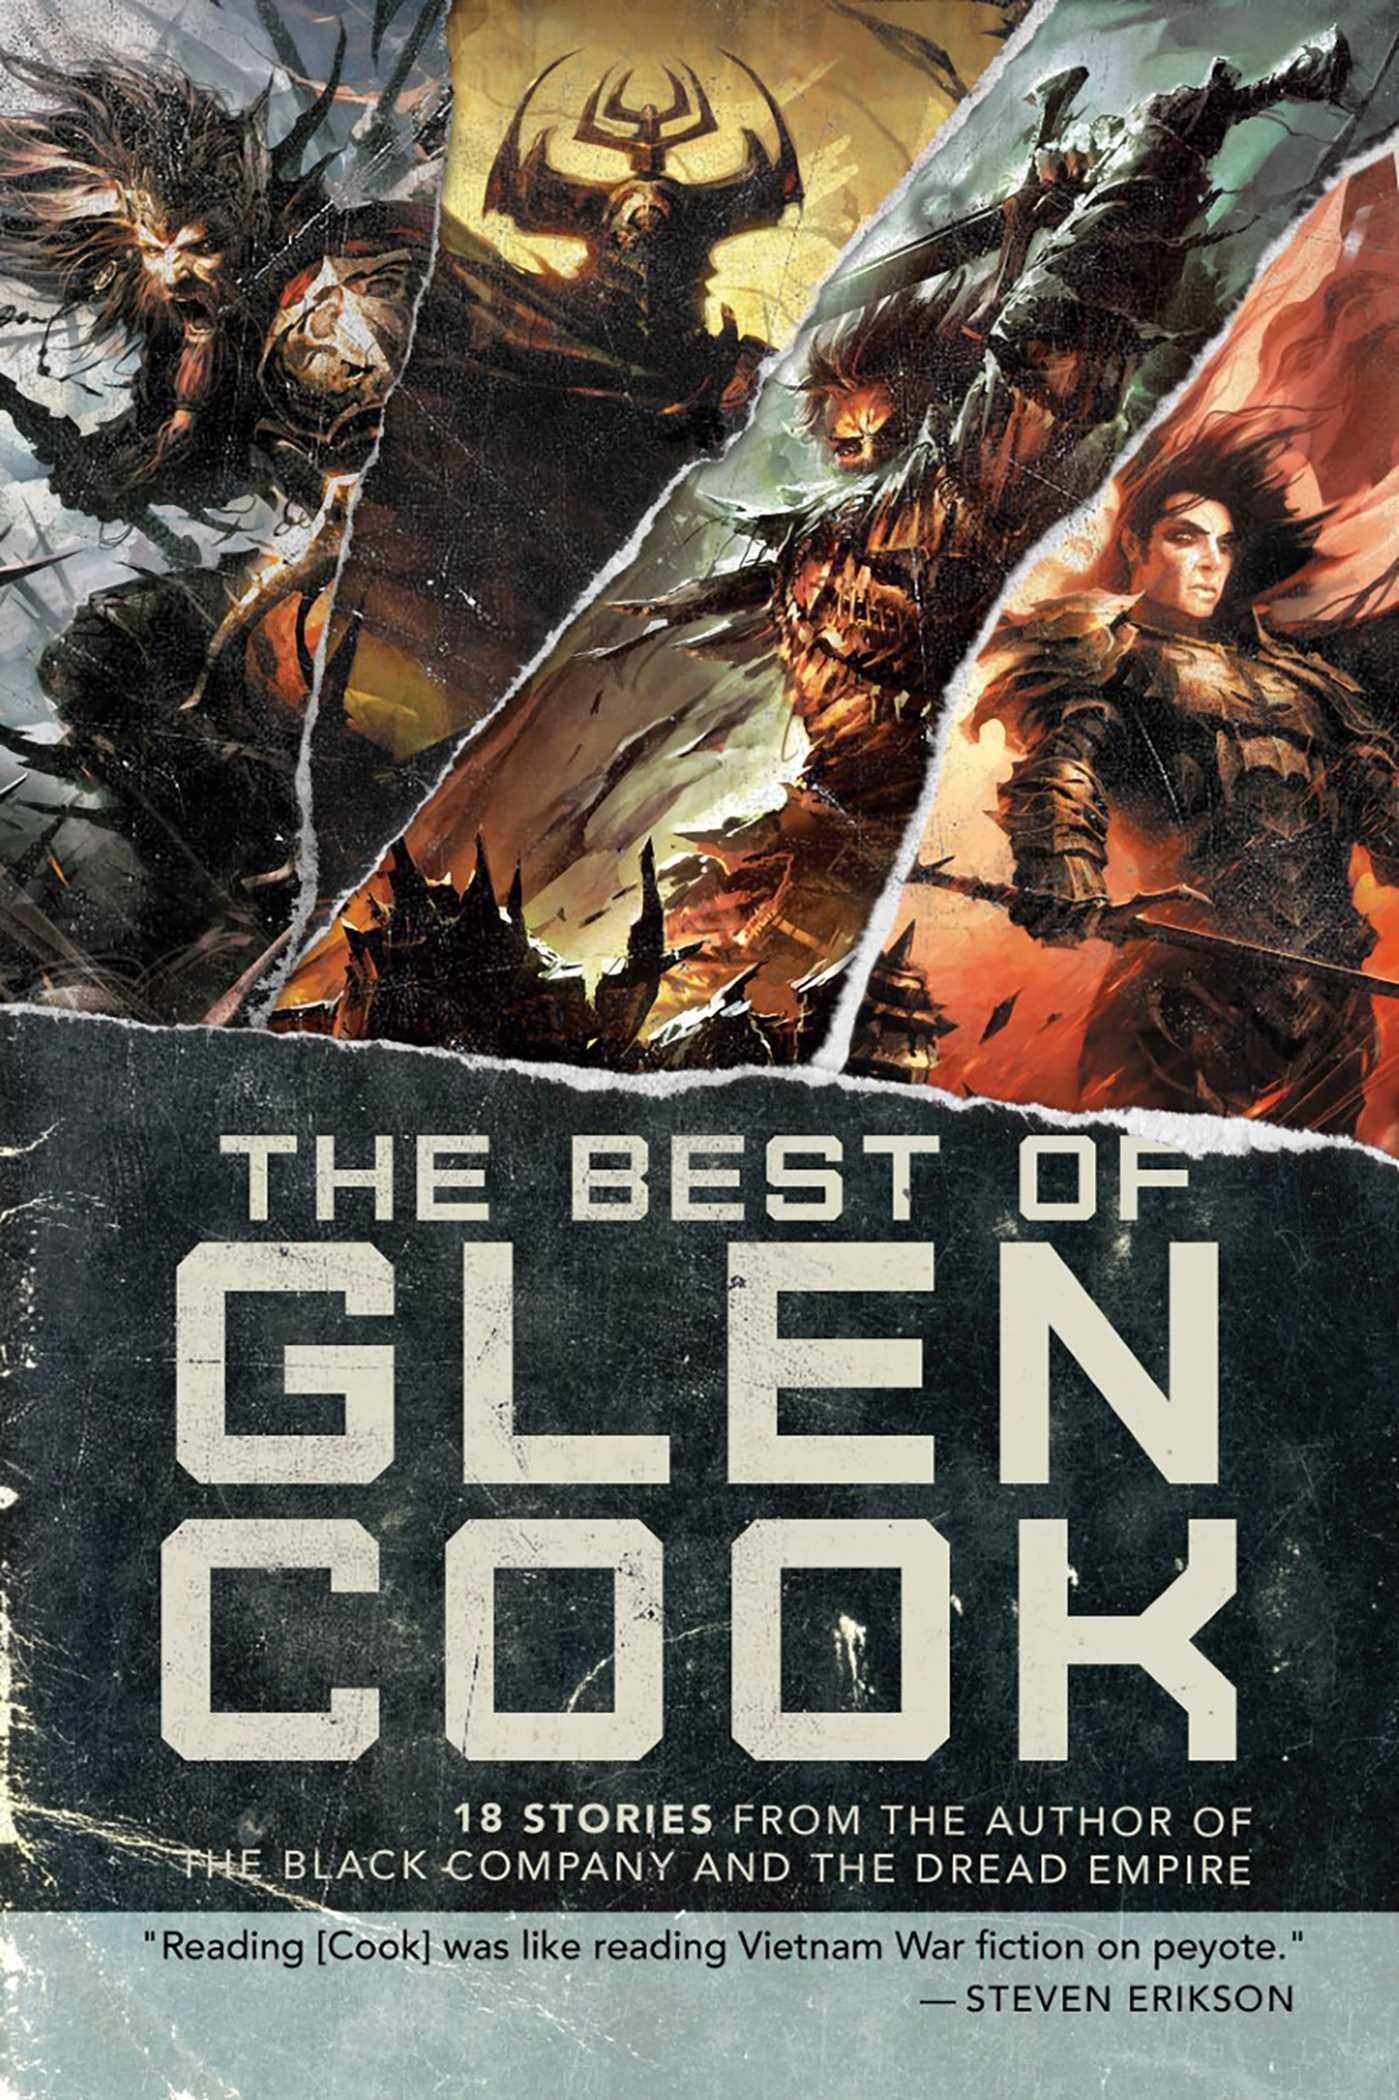 https://d28hgpri8am2if.cloudfront.net/book_images/onix/cvr9781949102178/the-best-of-glen-cook-9781949102178_hr.jpg